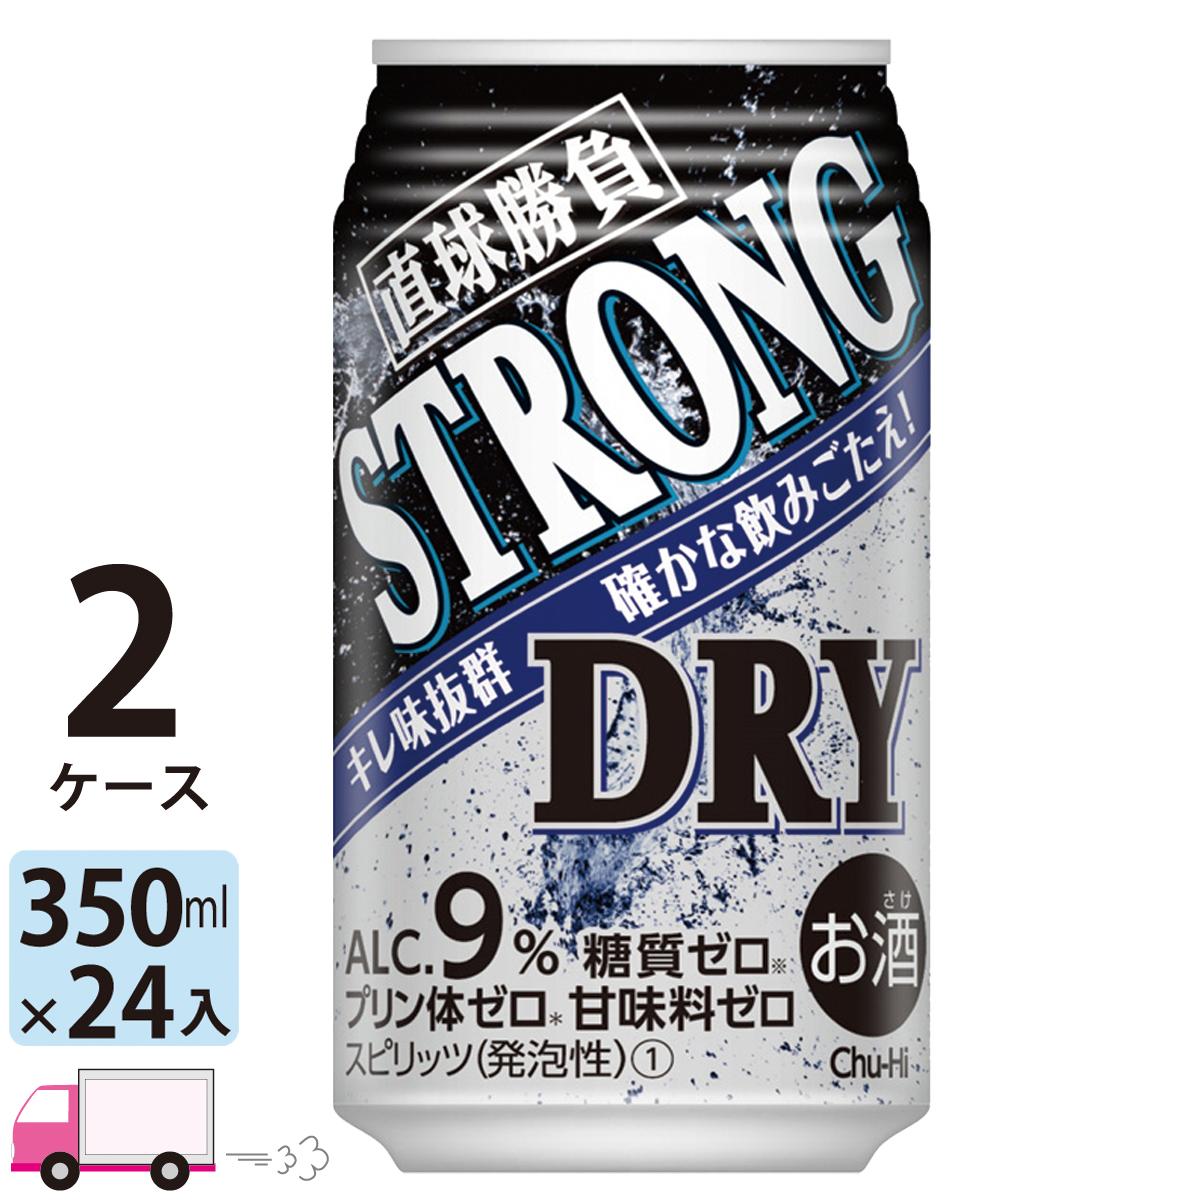 評判 おしゃれ 送料無料 チューハイ サワー 合同 ストロングドライ 350ml 2ケース 48本 24缶入